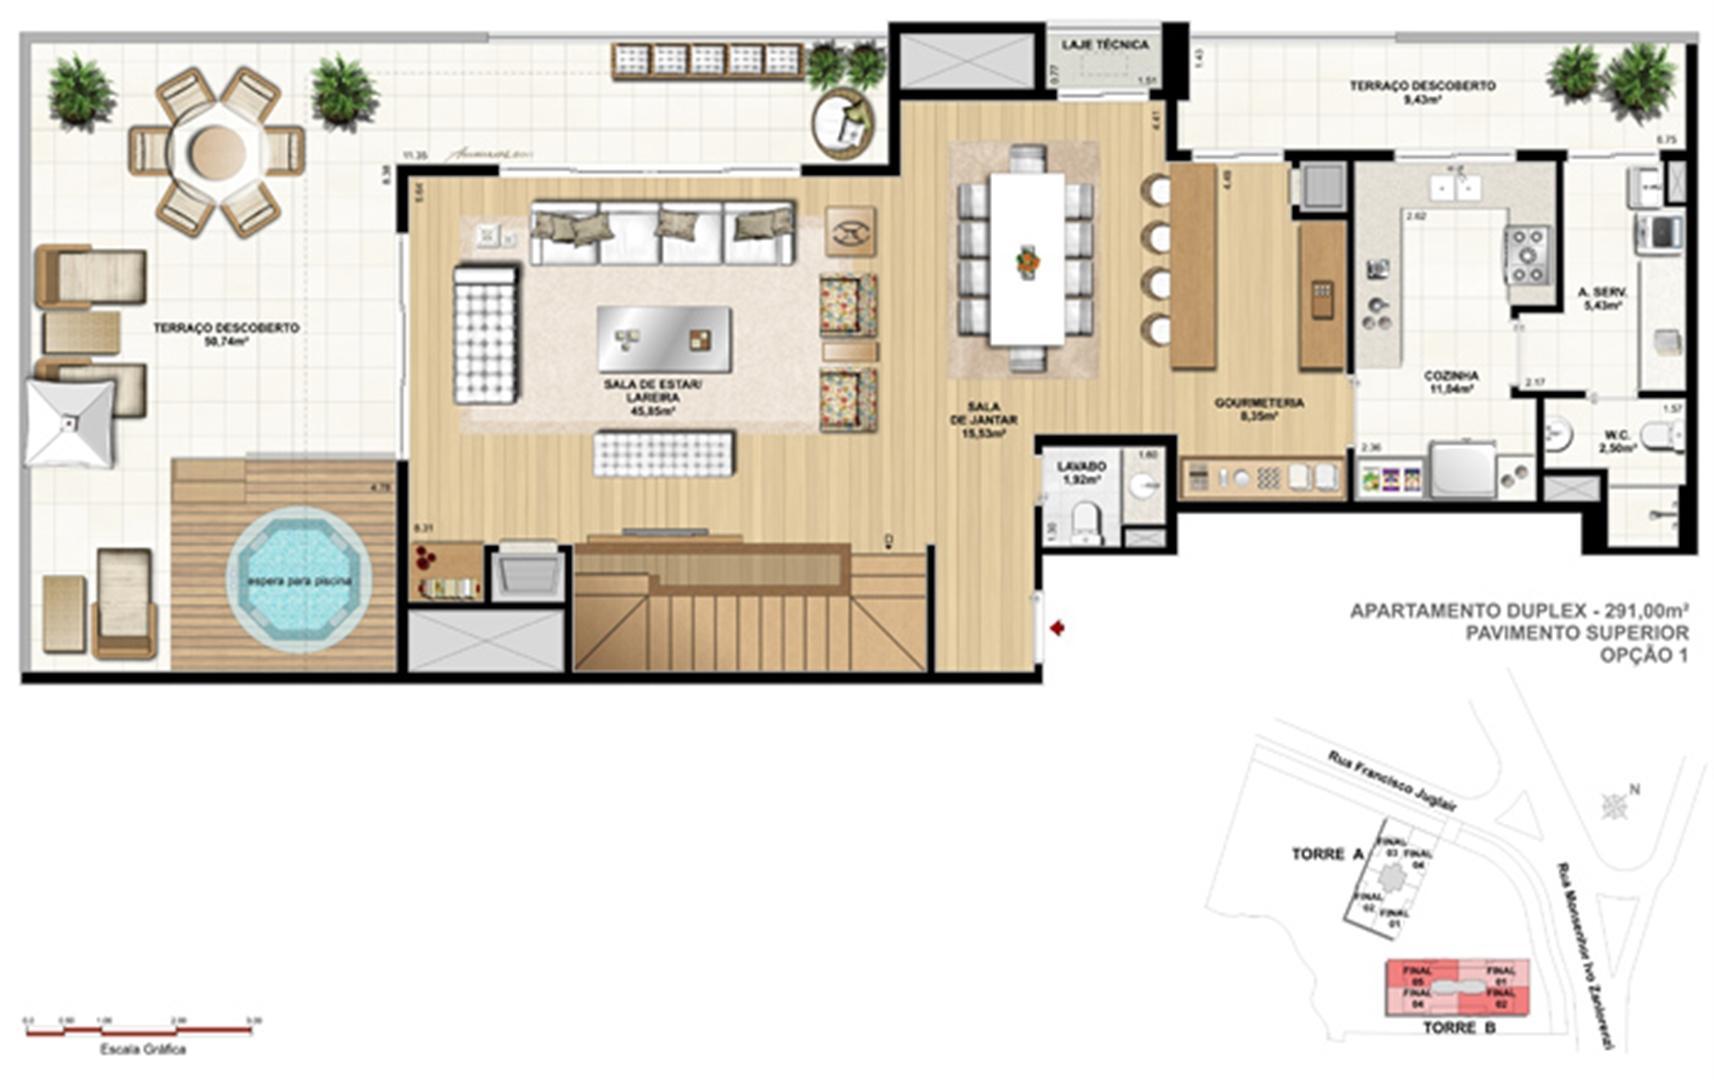 Torre 1 - 3 dormitórios com 3 suítes - Cobertura inferior - Tipo opção 1 | Reserva Juglair Ecoville – Apartamento no  Ecoville - Curitiba - Paraná